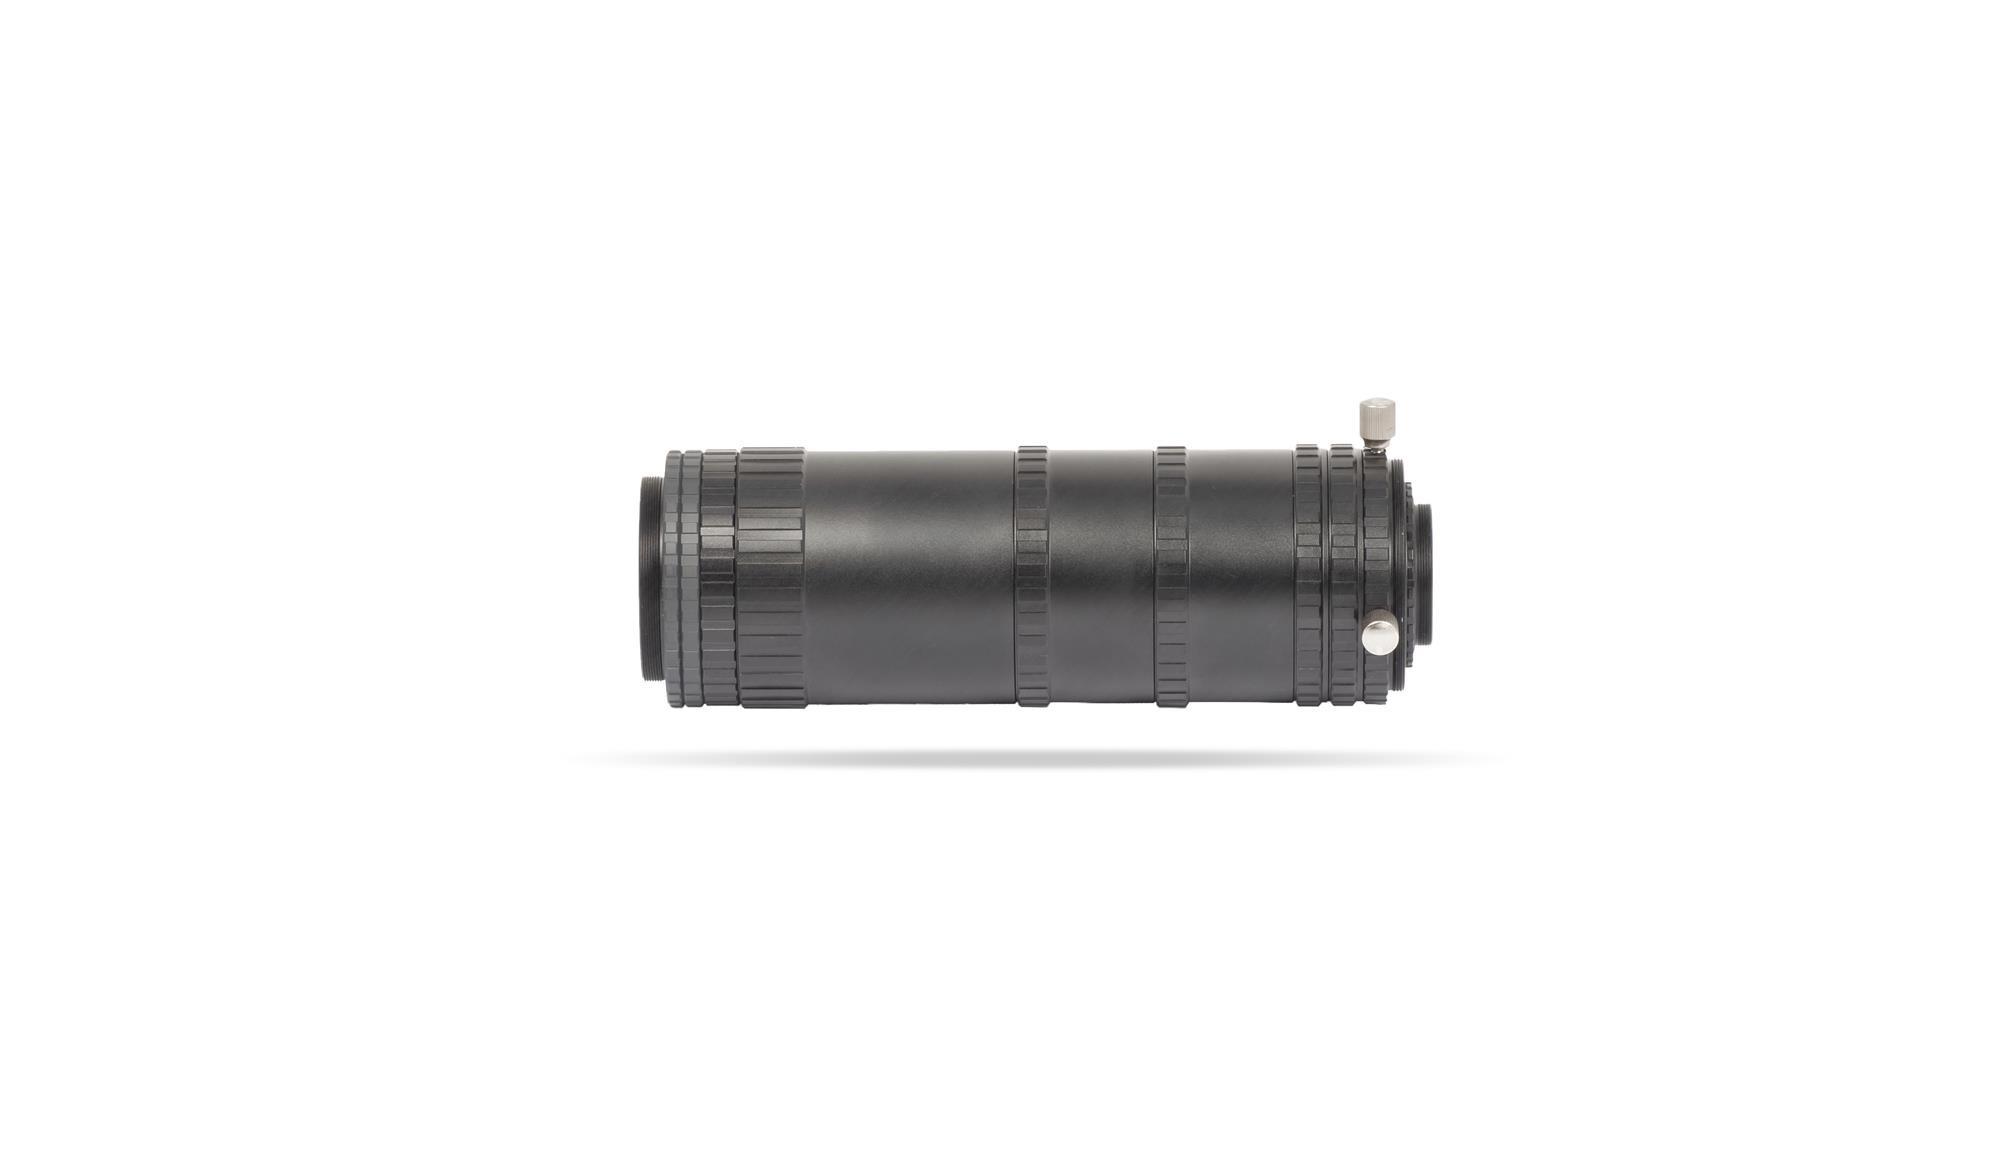 Baader M68 Tele-Compendium